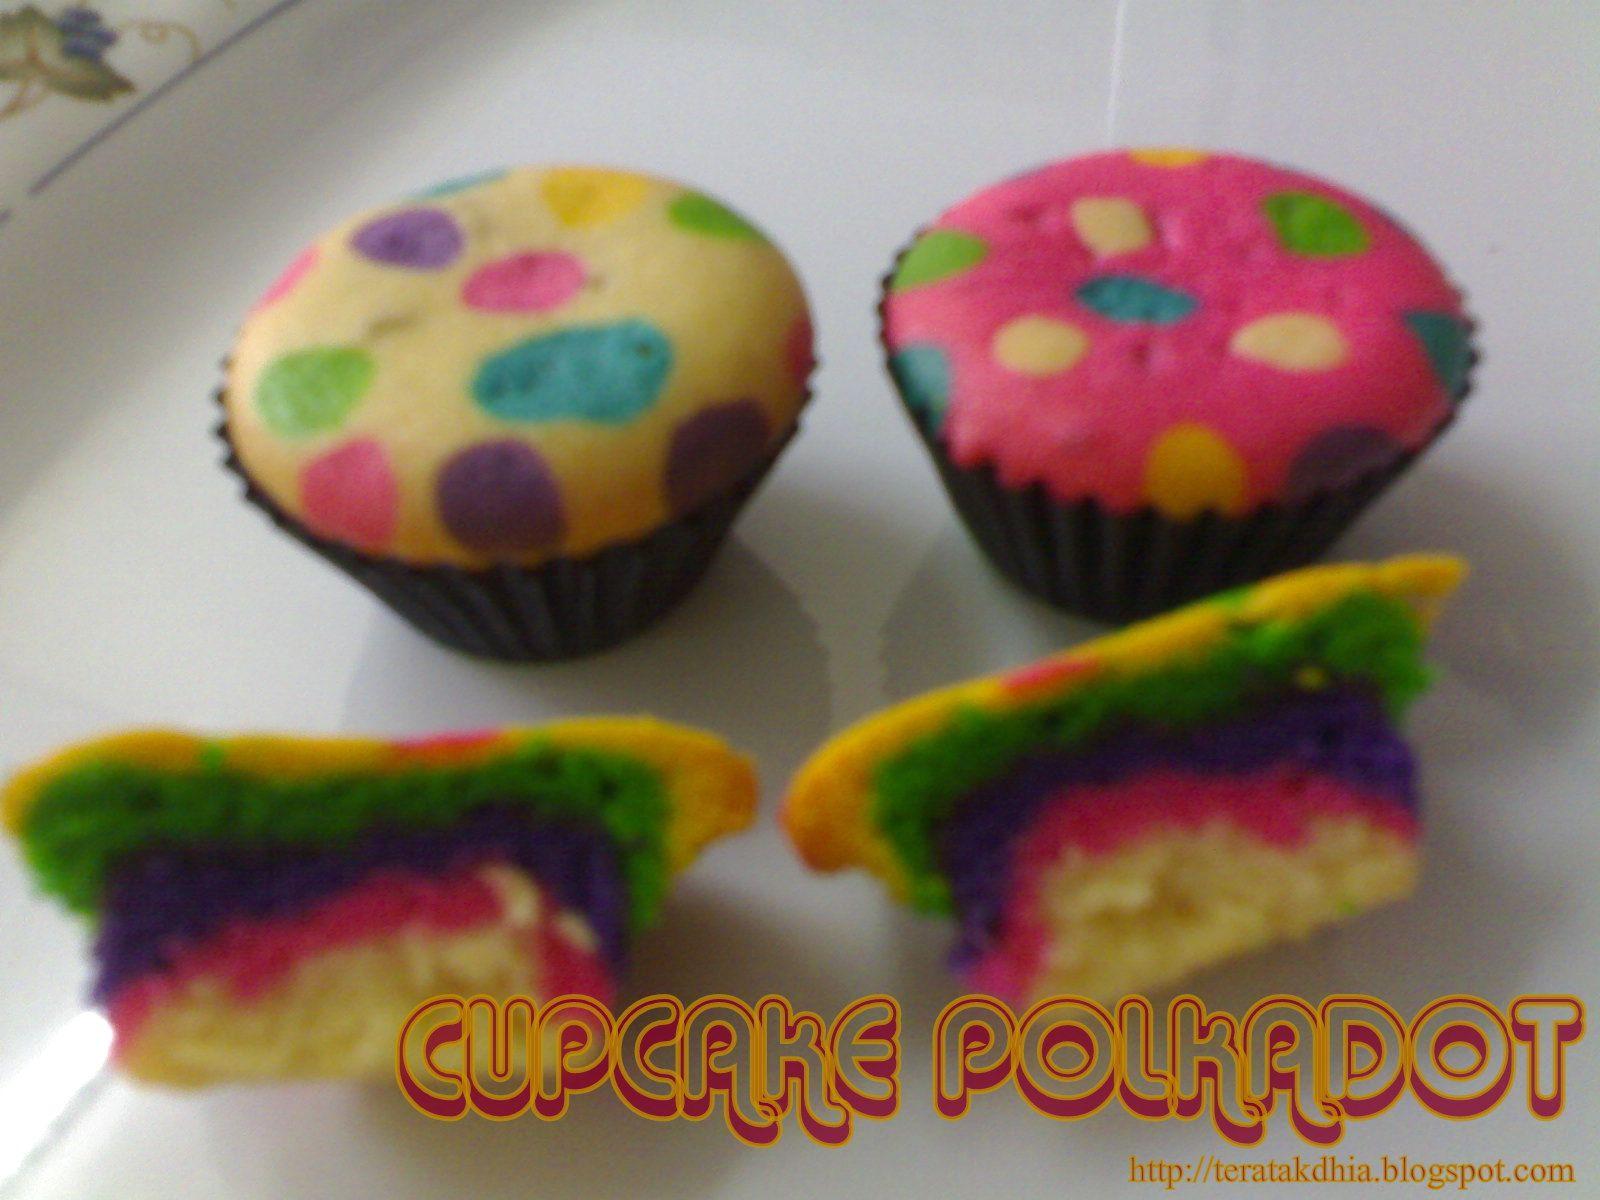 resepi cup cake coklat resepi cupcake coklat senang silent domain skachat resep cupcake Resepi Cupcake Oreo Kukus Enak dan Mudah